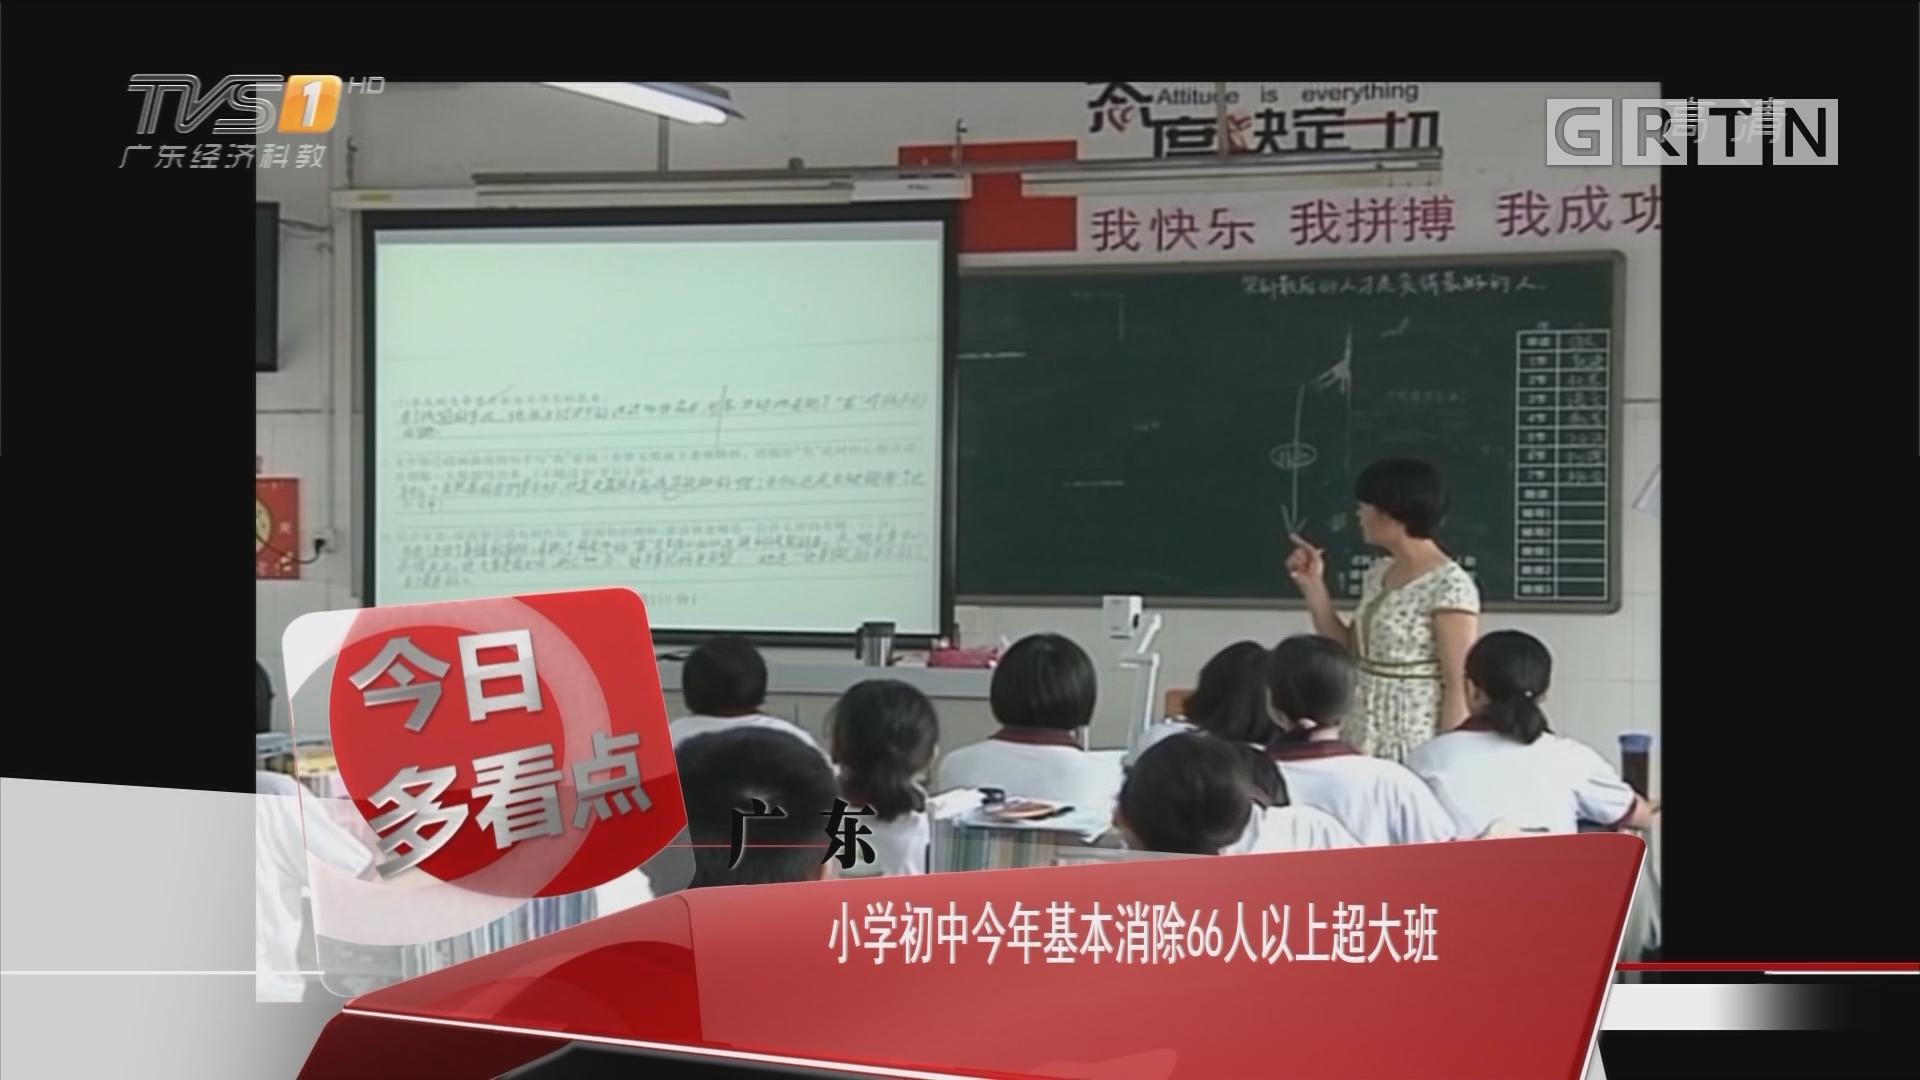 广东:小学初中今年基本消除66人以上超大班